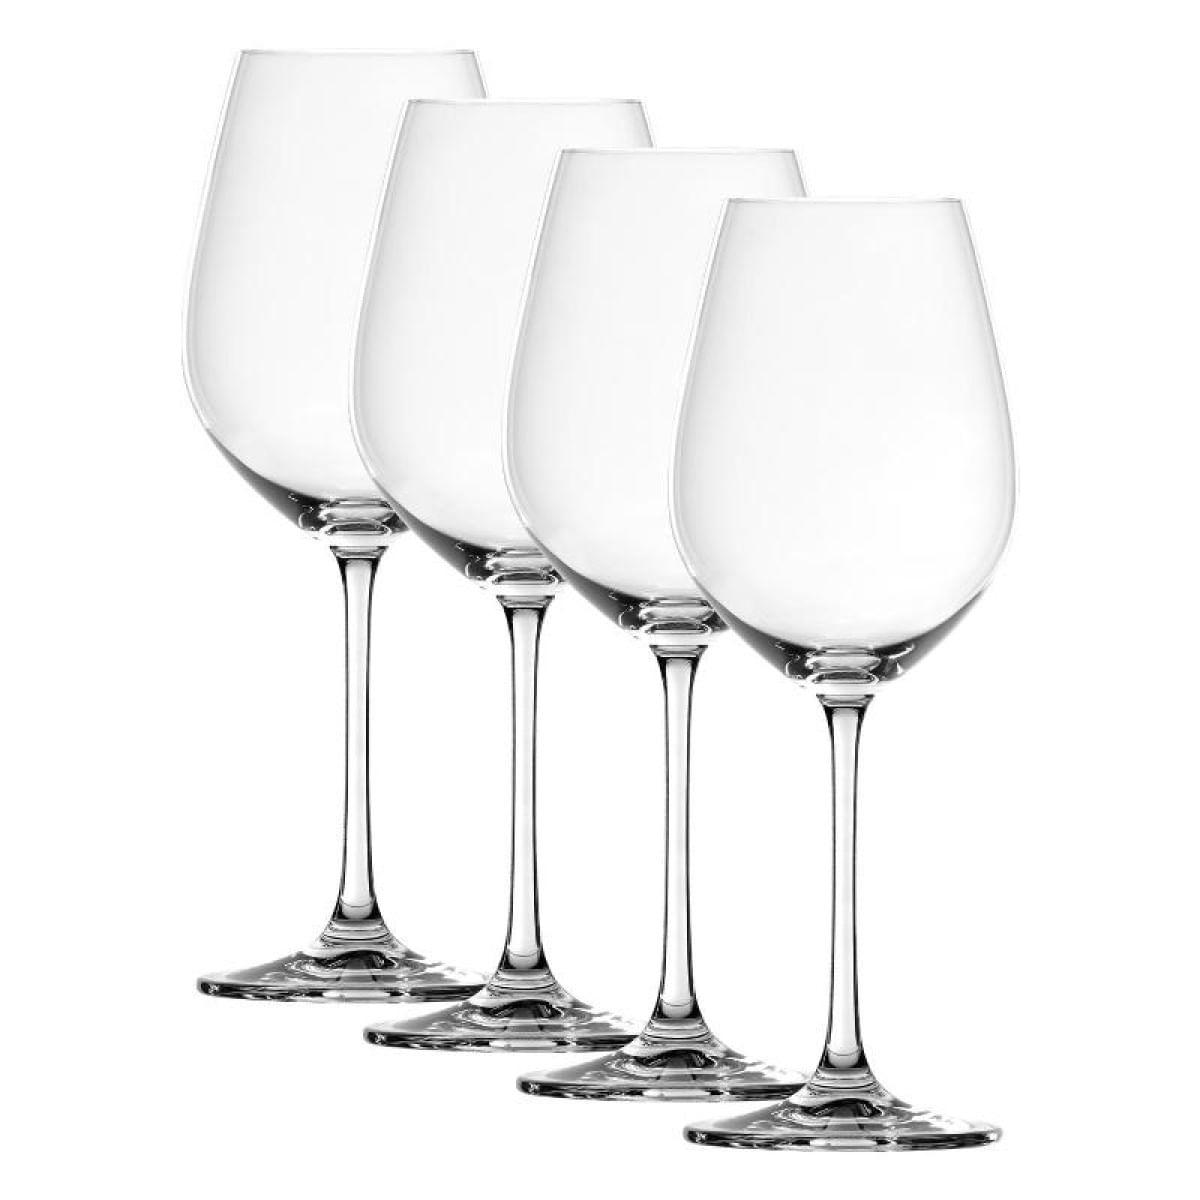 Conjunto de 4 Taças para Vinho Tinto 550ml Salute Spiegelau